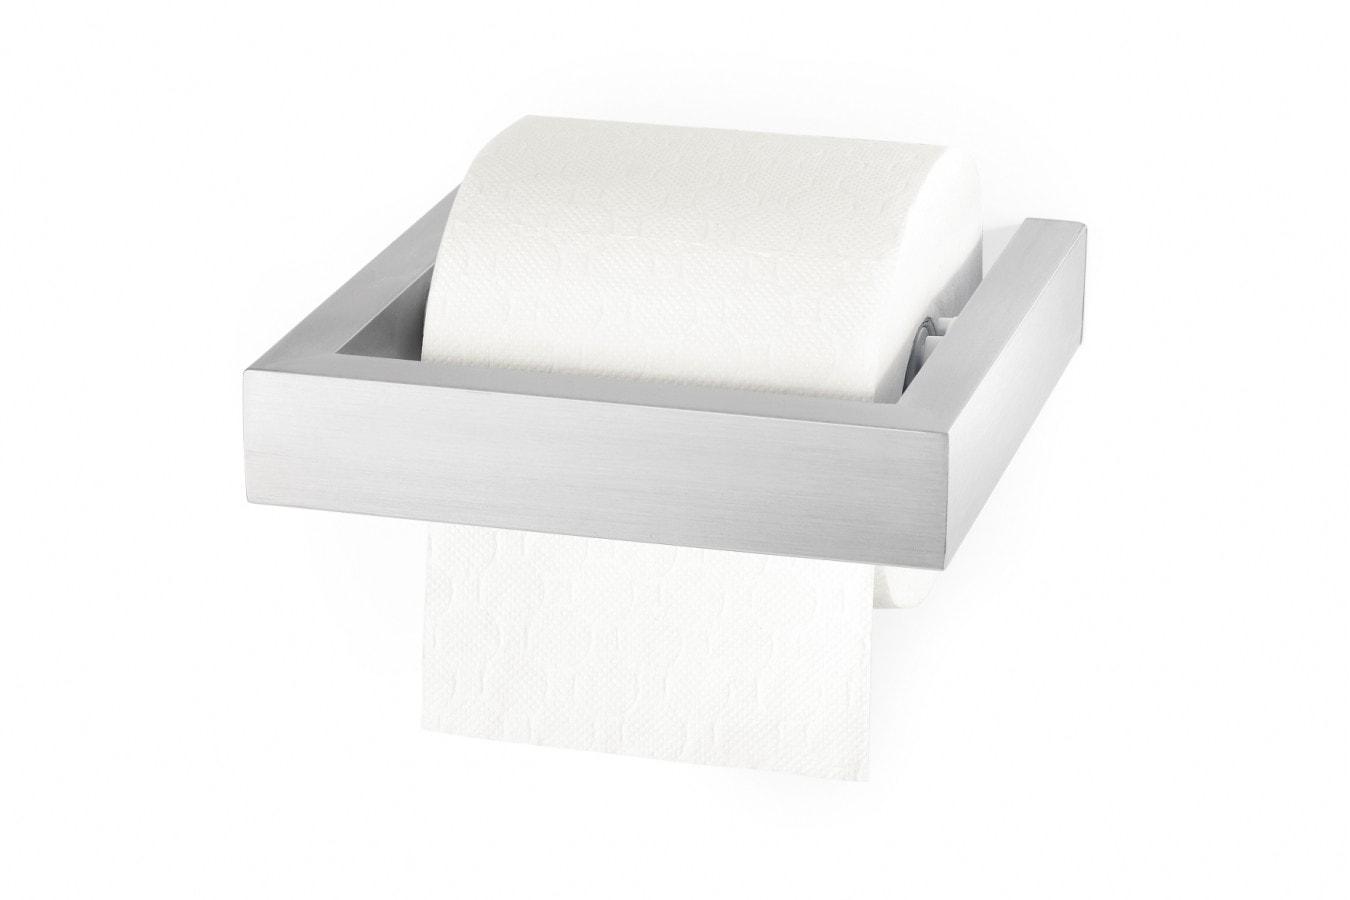 Uchwyt na papier WC ZACK LINEA 40386